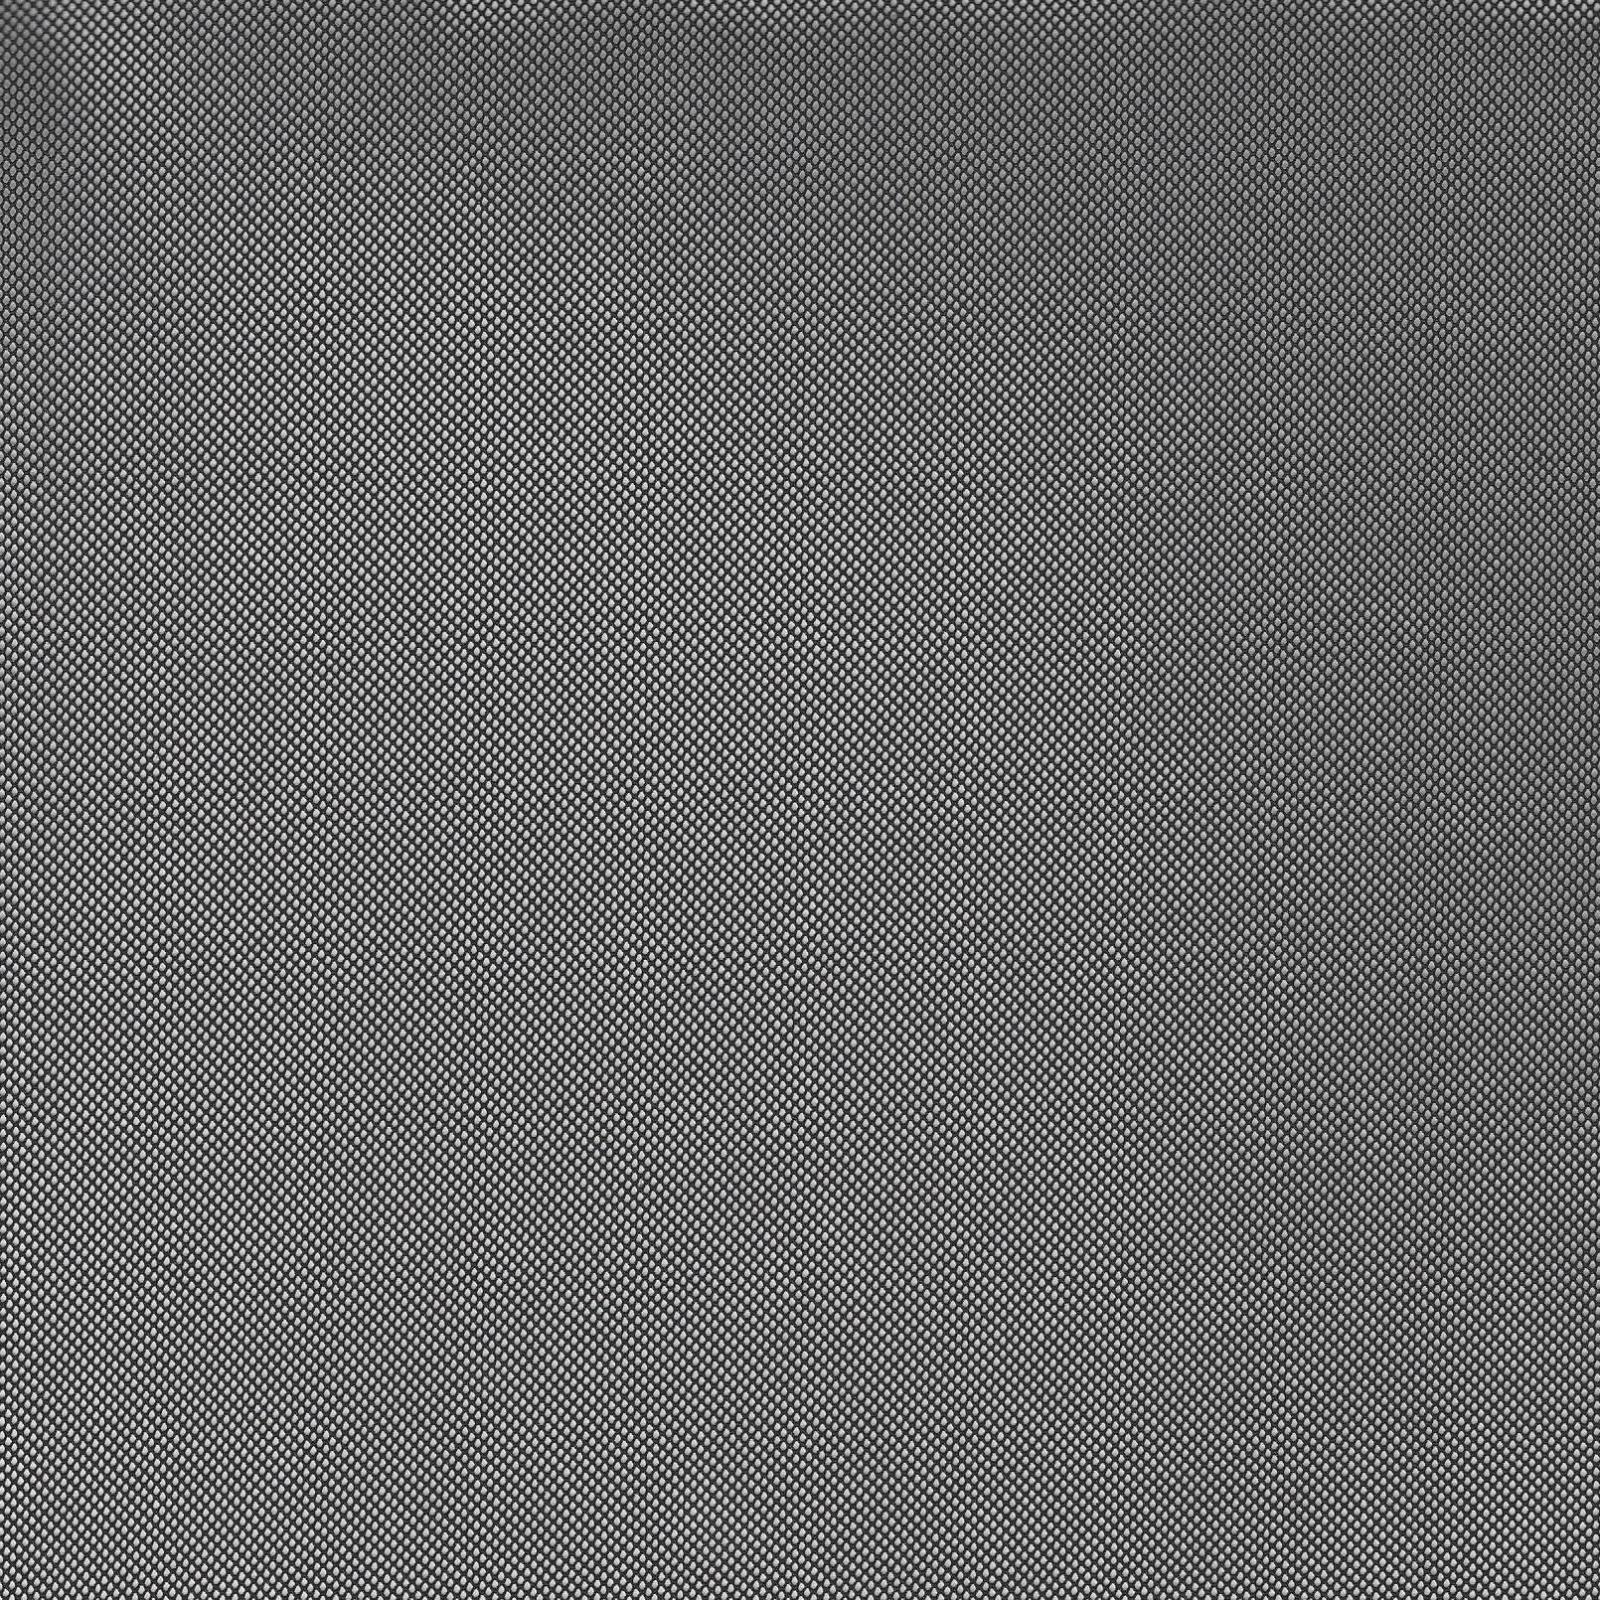 MRSK0166/83/2